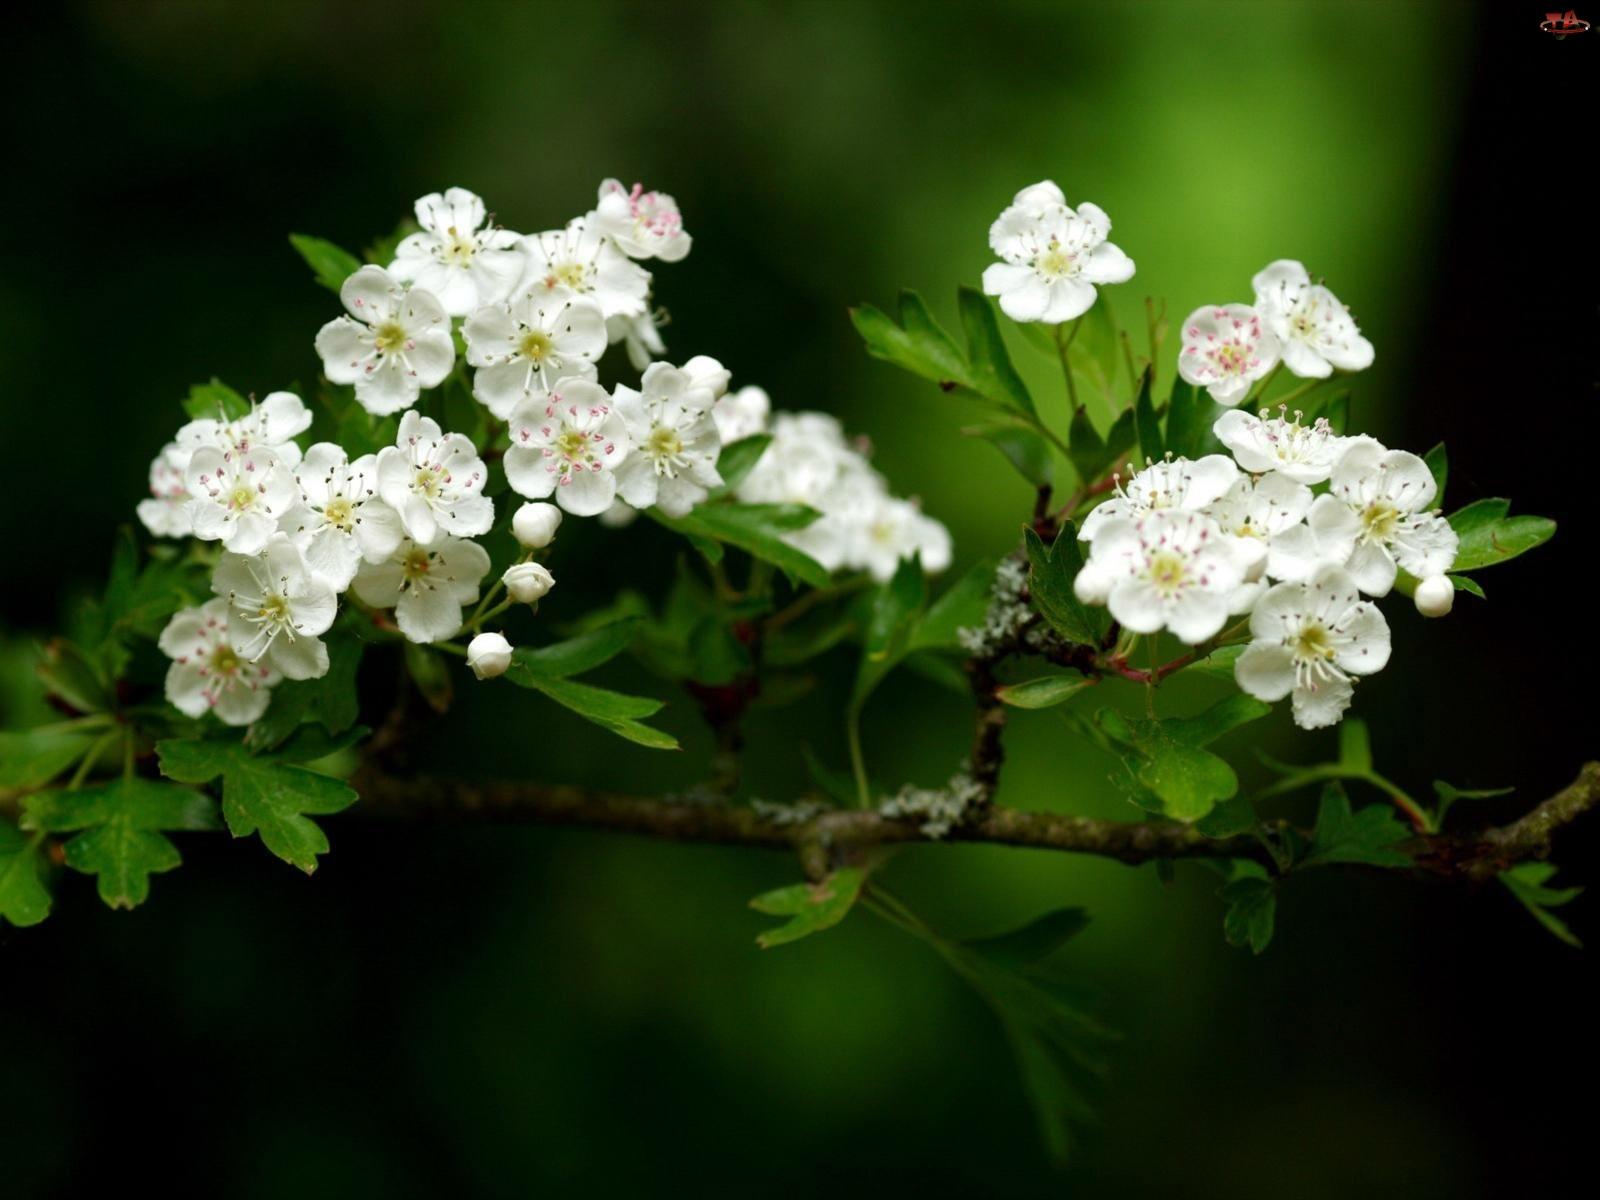 Głóg, Krzew, Białe, Drobne, Kwiatki